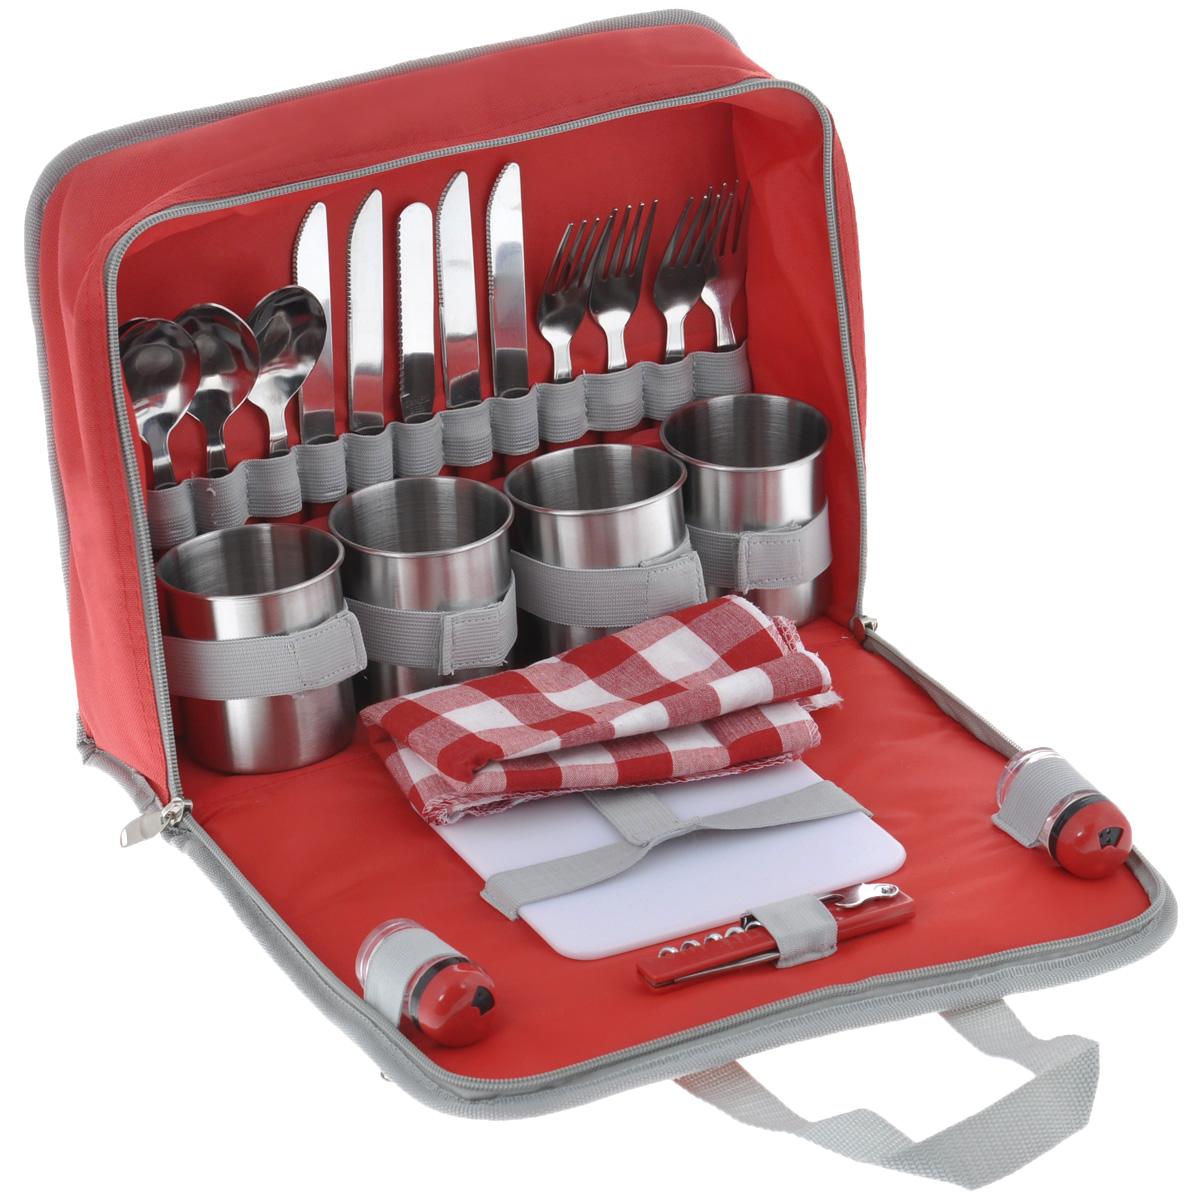 Набор для пикника Green Glade, цвет: красный, 26 предметовT3044Набор для пикника Green Glade содержит всю необходимую посуду для пикника и комфортного отдыха на природе. В набор входит: - нож (4 шт), - вилка (4 шт), - ложка (4 шт), - чашка (4 шт), - салфетка (4 шт), - солонка, - перечница, - нож для сыра/масла, - складной нож со штопором, - пластиковая разделочная доска. Столовые приборы и кружки изготовлены из полированной нержавеющей стали с пластиковыми ручками красного цвета. Салфетки выполнены из хлопка с принтом в клетку. Квадратная разделочная доска сделана из прочного пластика белого цвета, солонка и перечница - из прозрачного пластика. Все приборы компактно помещаются в специальную сумку из полиэстера, сумка закрывается на застежку-молнию; оснащена двумя удобными ручками для переноски и двумя вшитыми кармашка на молнии для хранения аксессуаров. Длина вилки/ложки: 18,5 см. Длина ножа: 21 см. Диаметр кружки (по верхнему краю): 7,5 см. Высота кружки: 8 см. Размер разделочной доски: 15 см х 15 см. Размер салфетки: 31 см х 31 см. Размер солонки/перечницы: 3 см х 3 см х 5,5 см. Длина ножа со штопором: 11 см. Размер сумки: 32 см х 26 см х 11 см.